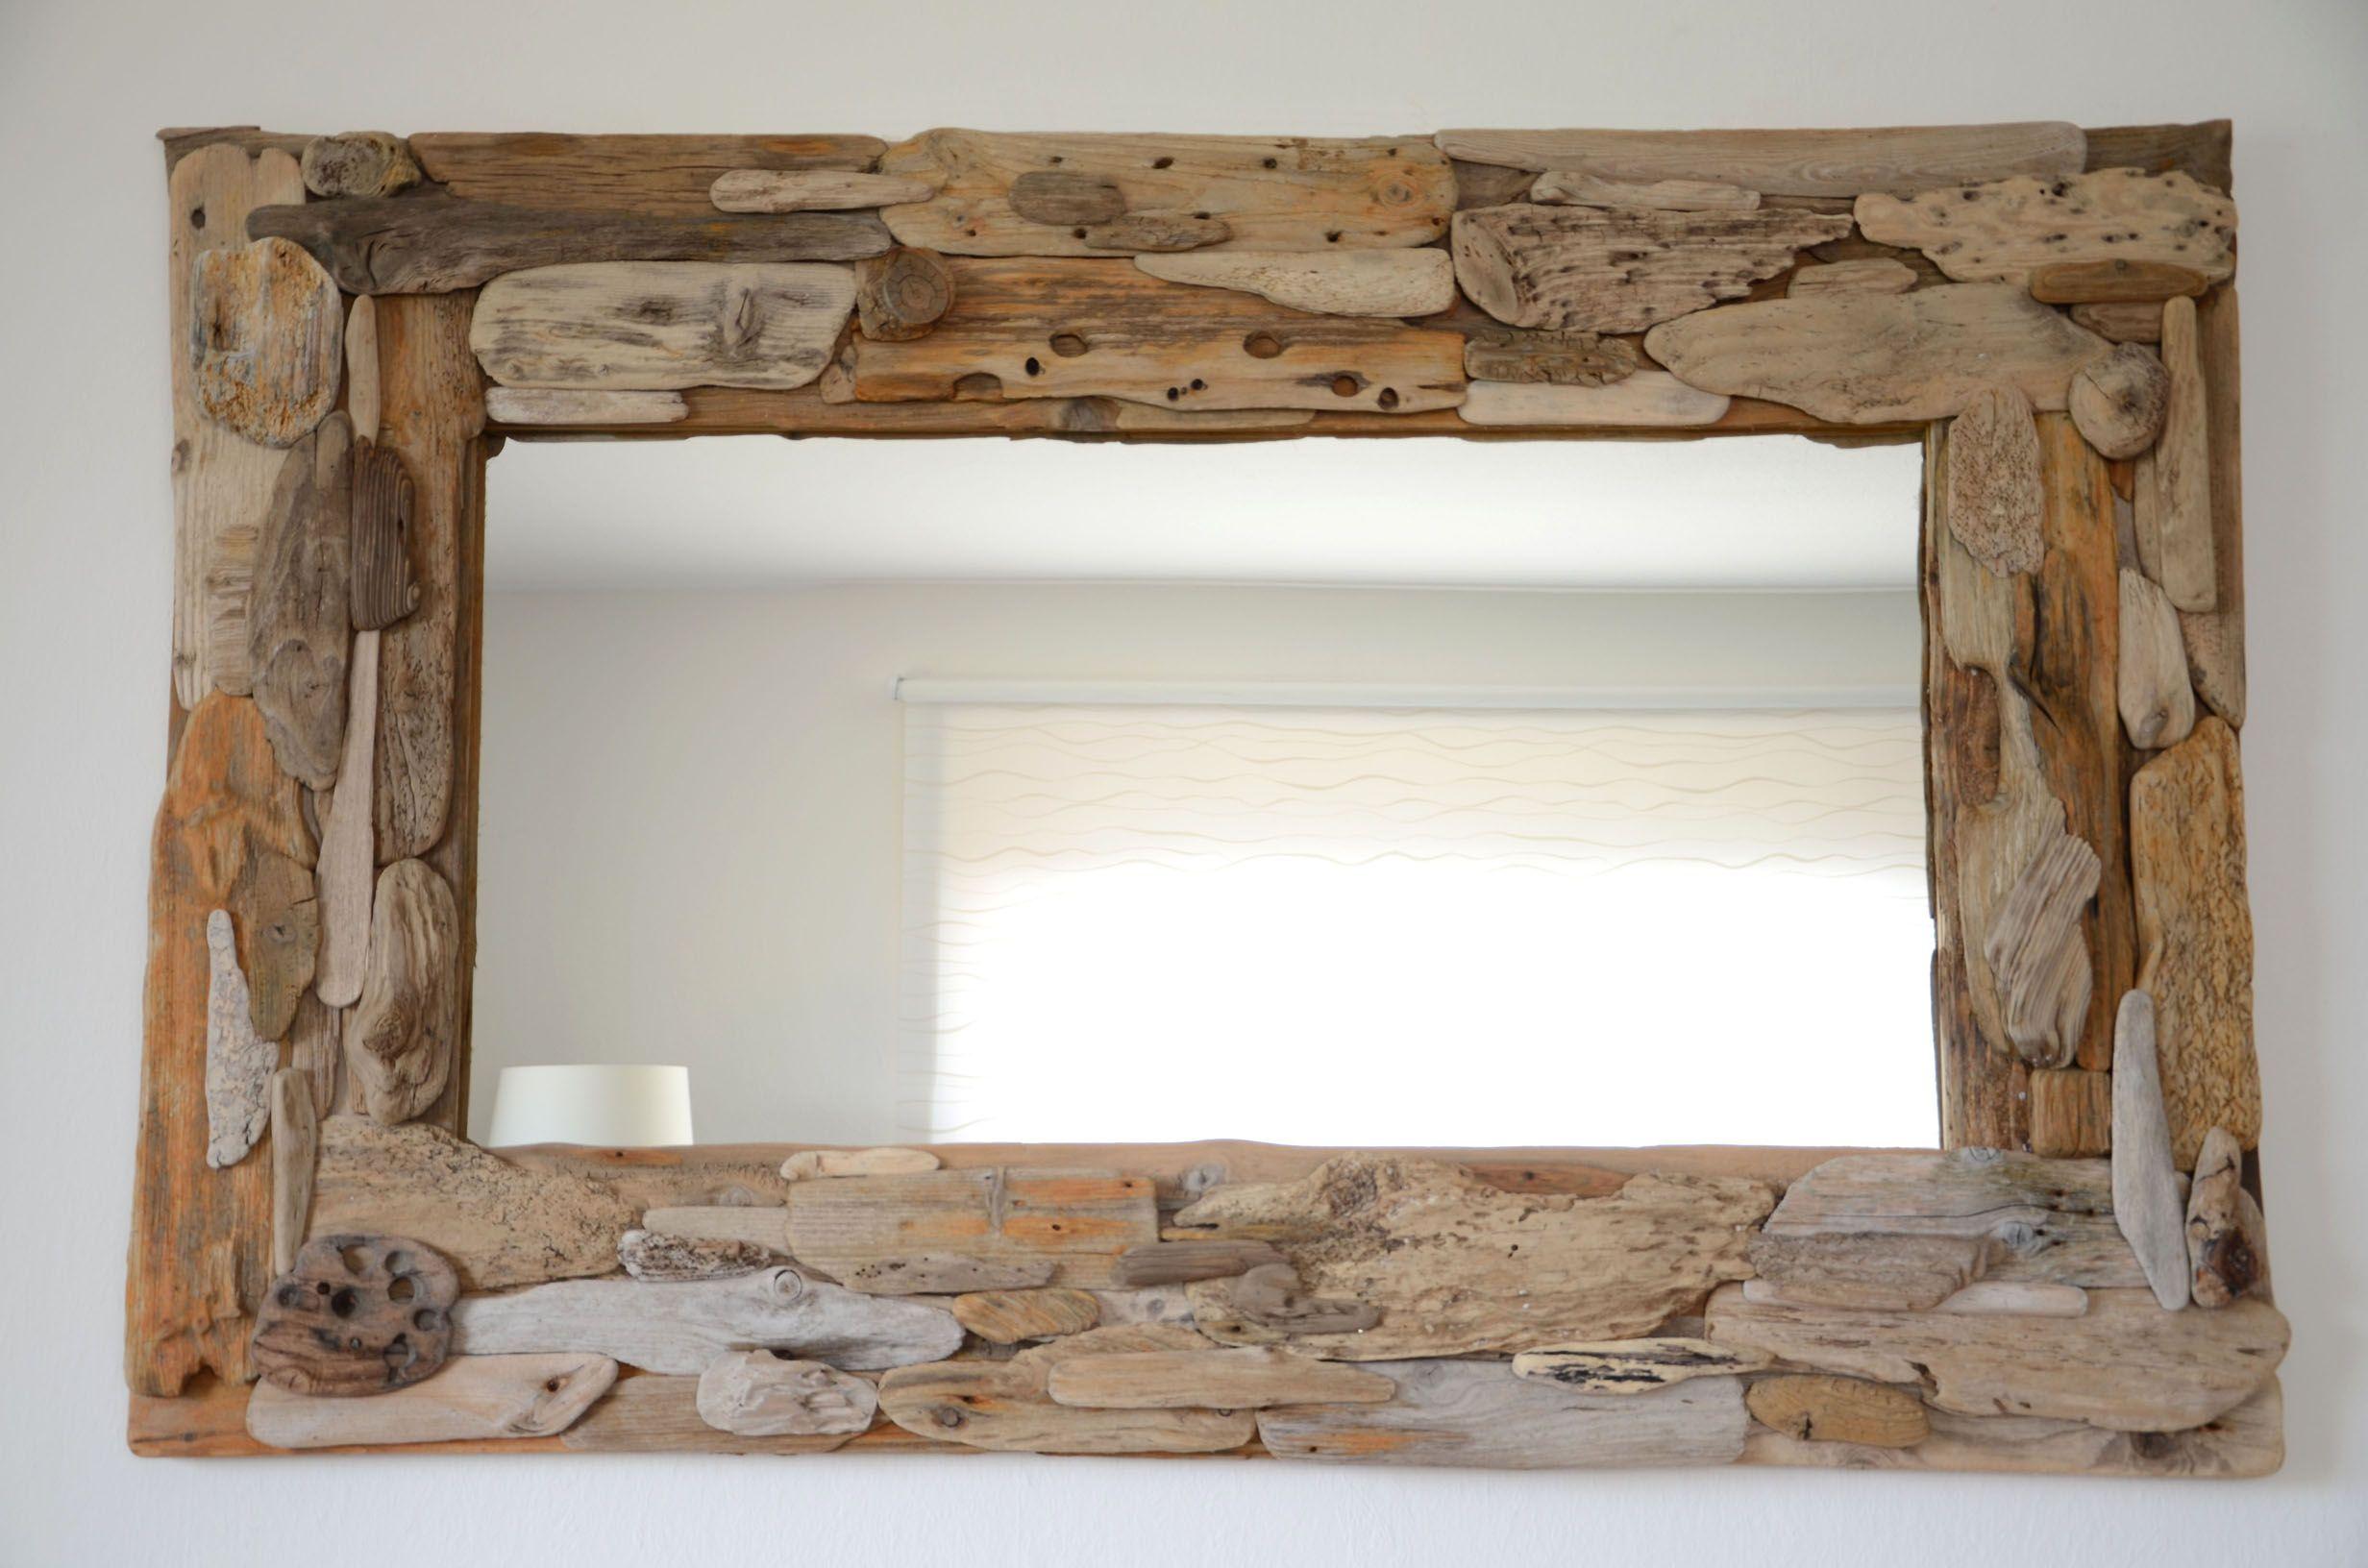 treibholz spiegel magnet driftwood mirror wohnidee pinterest treibholz kerstin und. Black Bedroom Furniture Sets. Home Design Ideas